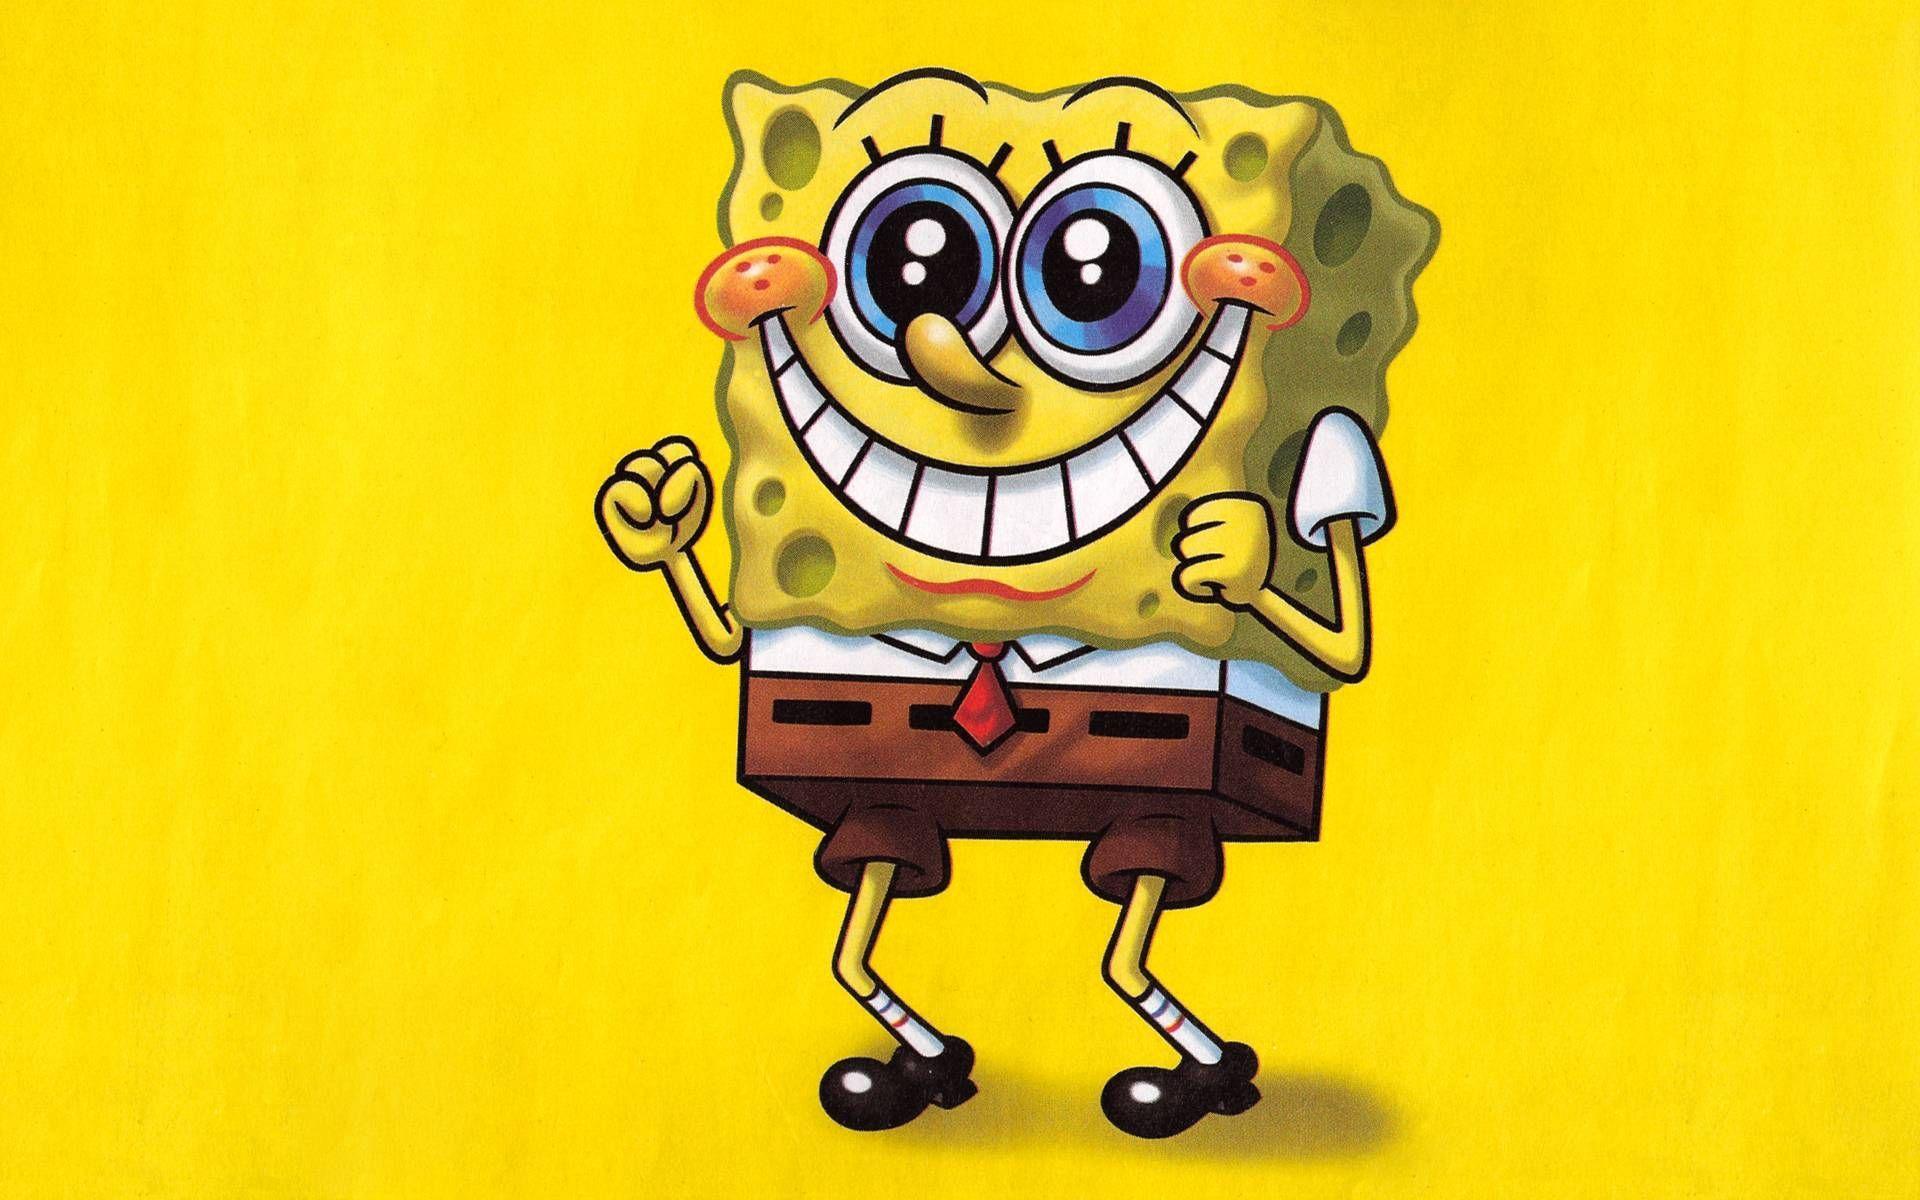 Sponge Bob Iphone Case In 2021 Spongebob Wallpaper Spongebob Iphone Wallpaper Spongebob